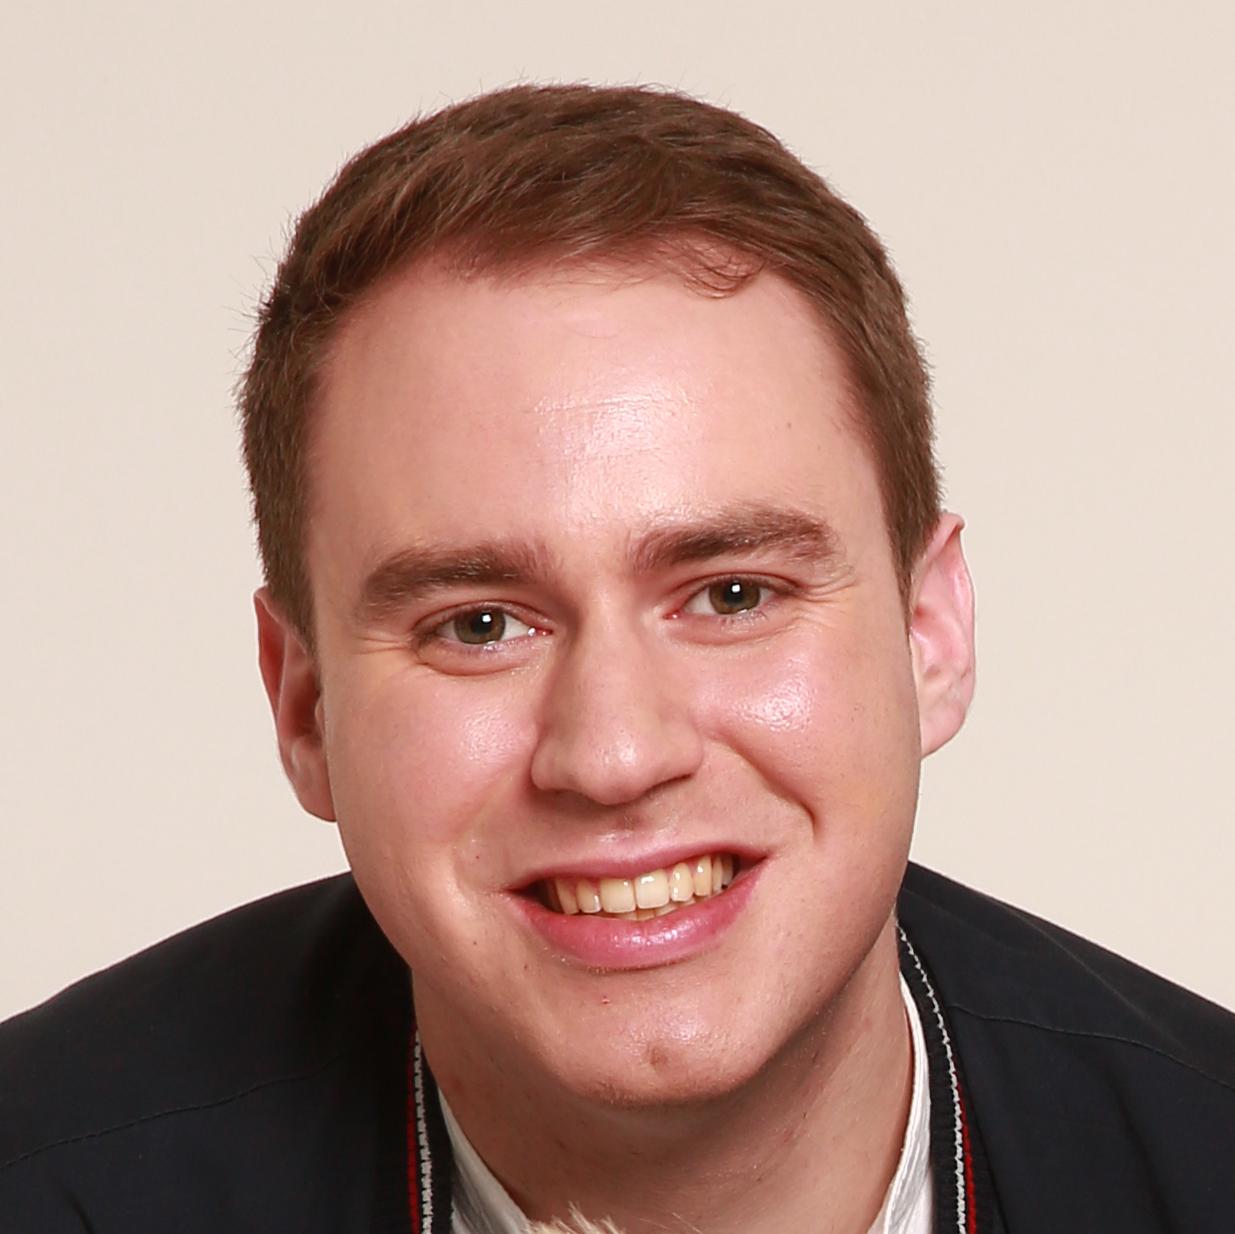 Ned Sedgwick